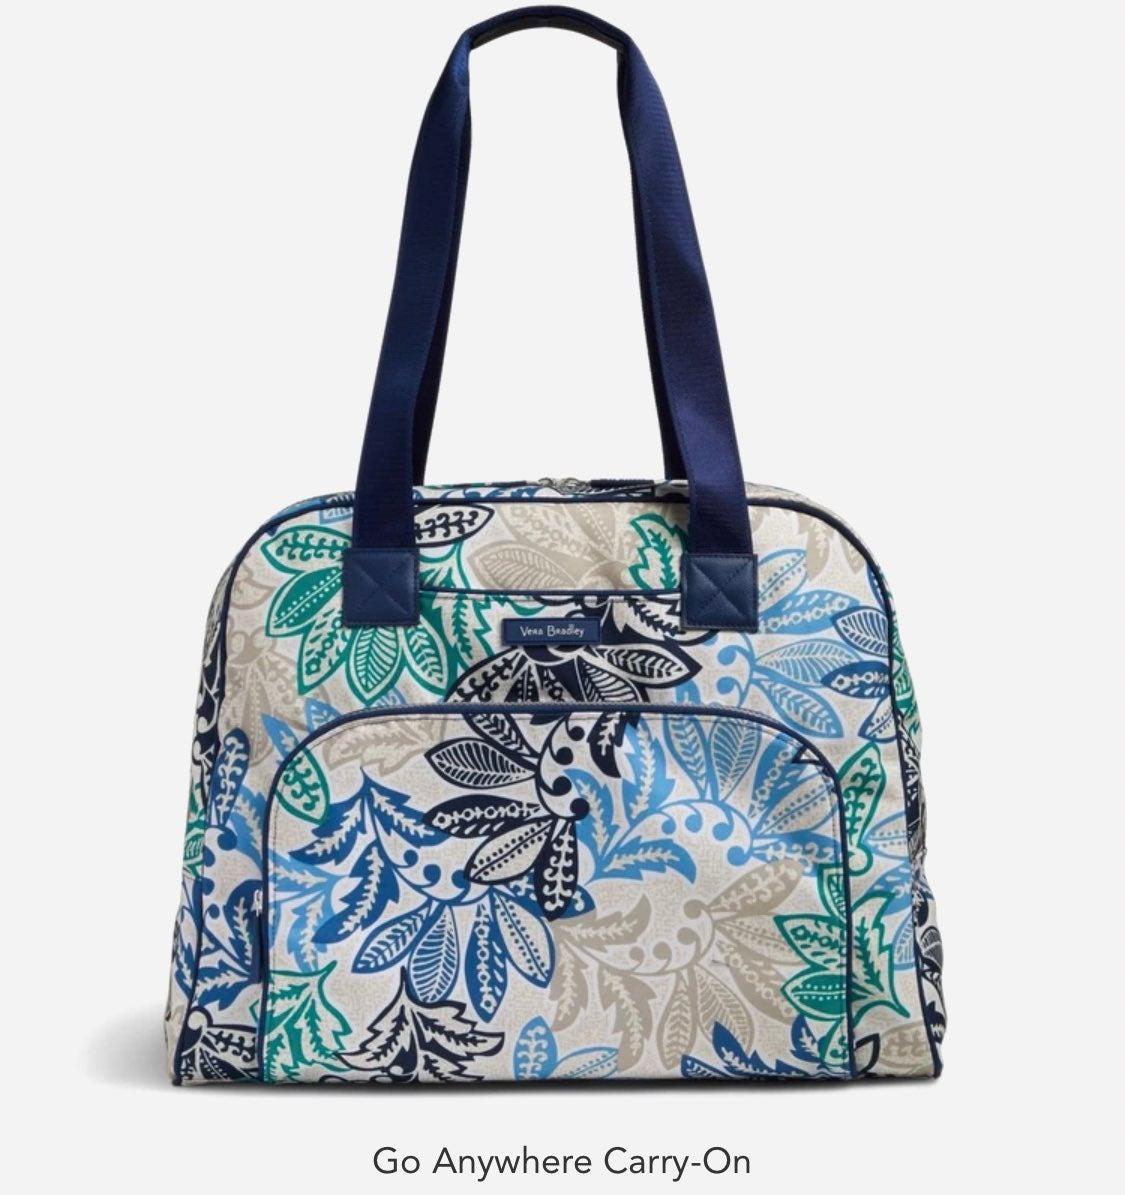 NWT Go Anywhere Carry on Bag